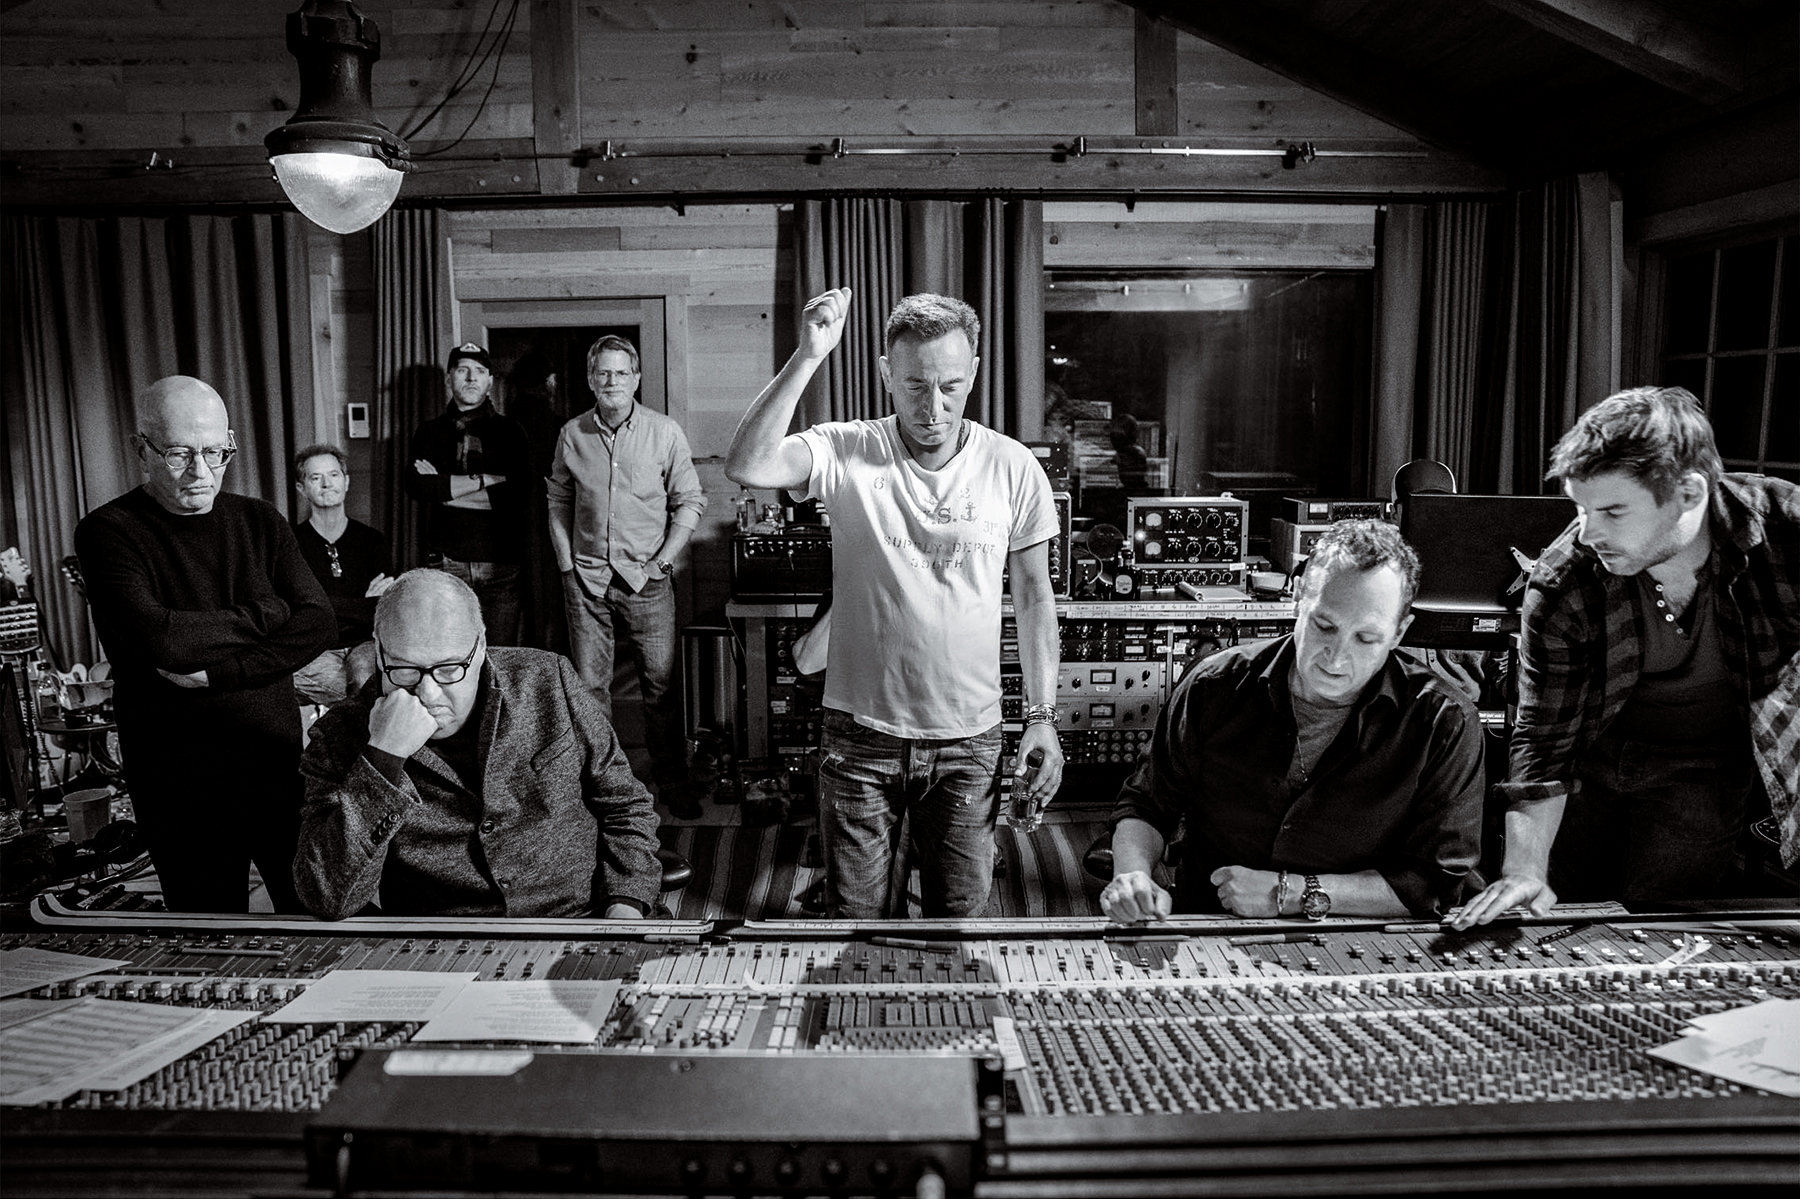 Plaat van de week: Bruce Springsteen – I'll See You In My Dreams